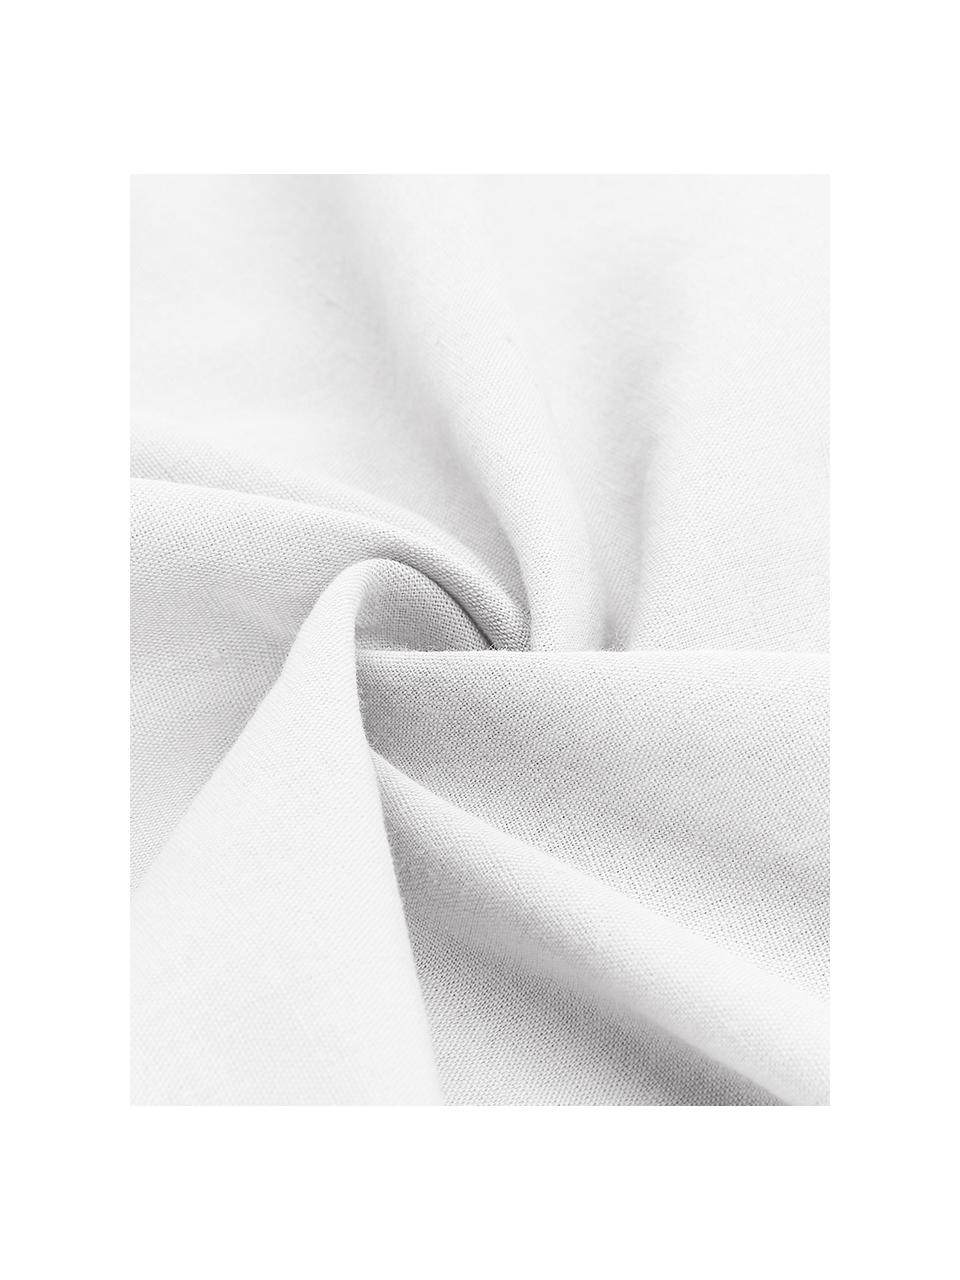 Gewaschene Leinen-Kopfkissenbezüge Nature in Weiß, 2 Stück, Halbleinen (52% Leinen, 48% Baumwolle)  Fadendichte 108 TC, Standard Qualität  Halbleinen hat von Natur aus einen kernigen Griff und einen natürlichen Knitterlook, der durch den Stonewash-Effekt verstärkt wird. Es absorbiert bis zu 35% Luftfeuchtigkeit, trocknet sehr schnell und wirkt in Sommernächten angenehm kühlend. Die hohe Reißfestigkeit macht Halbleinen scheuerfest und strapazierfähig., Weiß, 40 x 80 cm